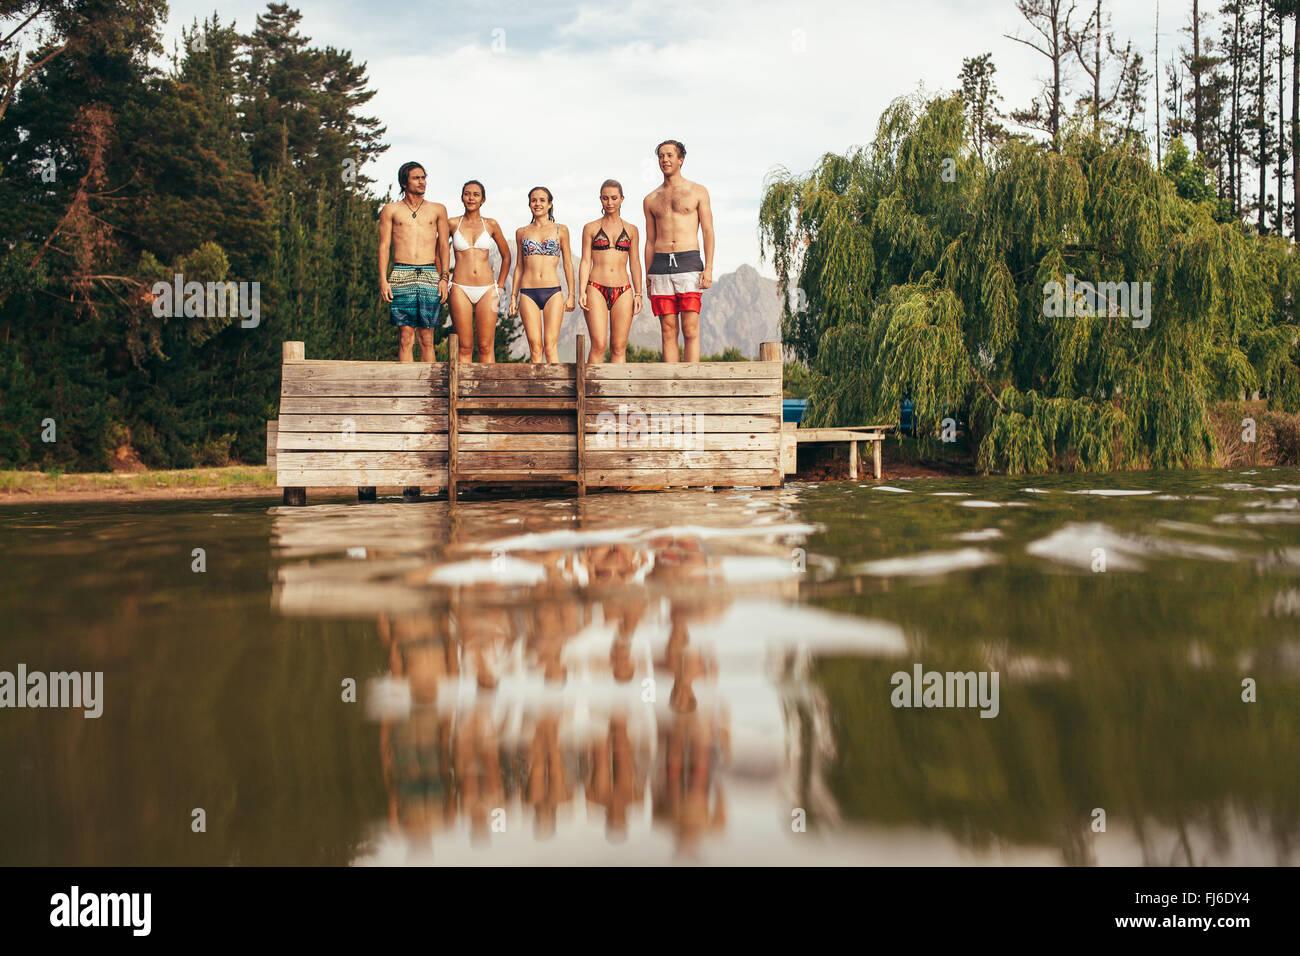 Retrato de un grupo de jóvenes de pie en el borde del muelle sobre el lago. Jóvenes amigos de pie en una Imagen De Stock